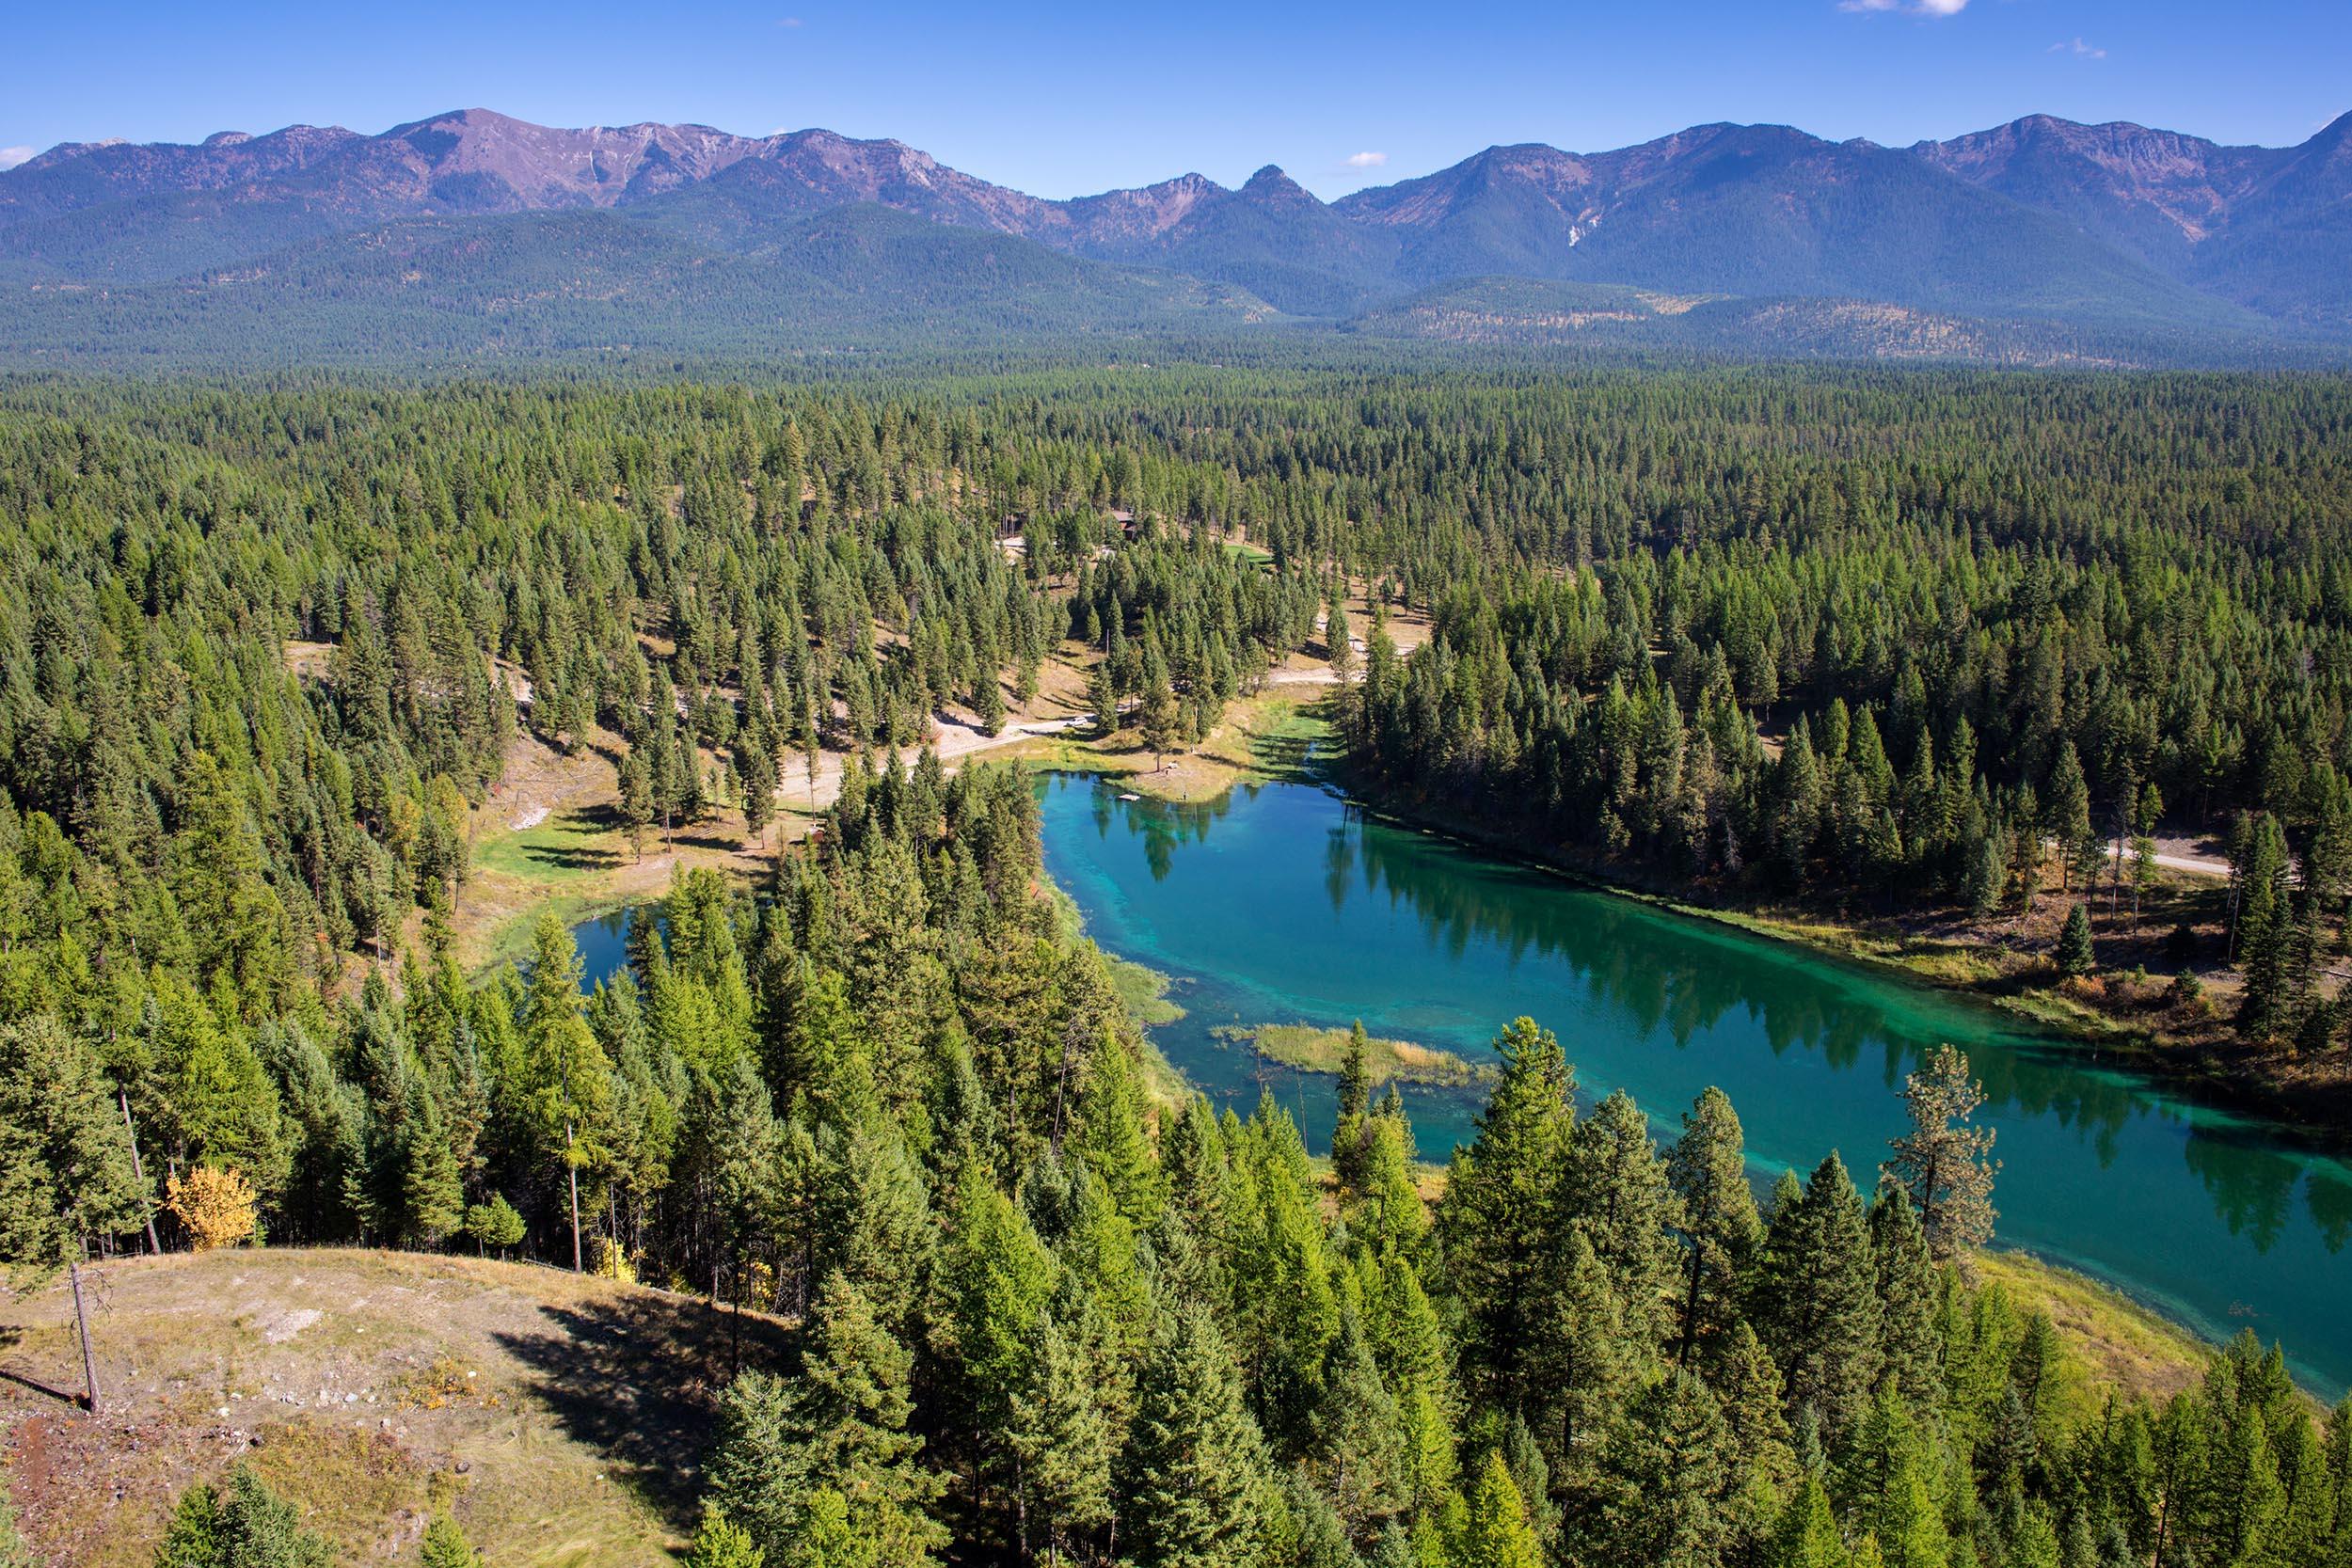 Greyling Lake, Montana